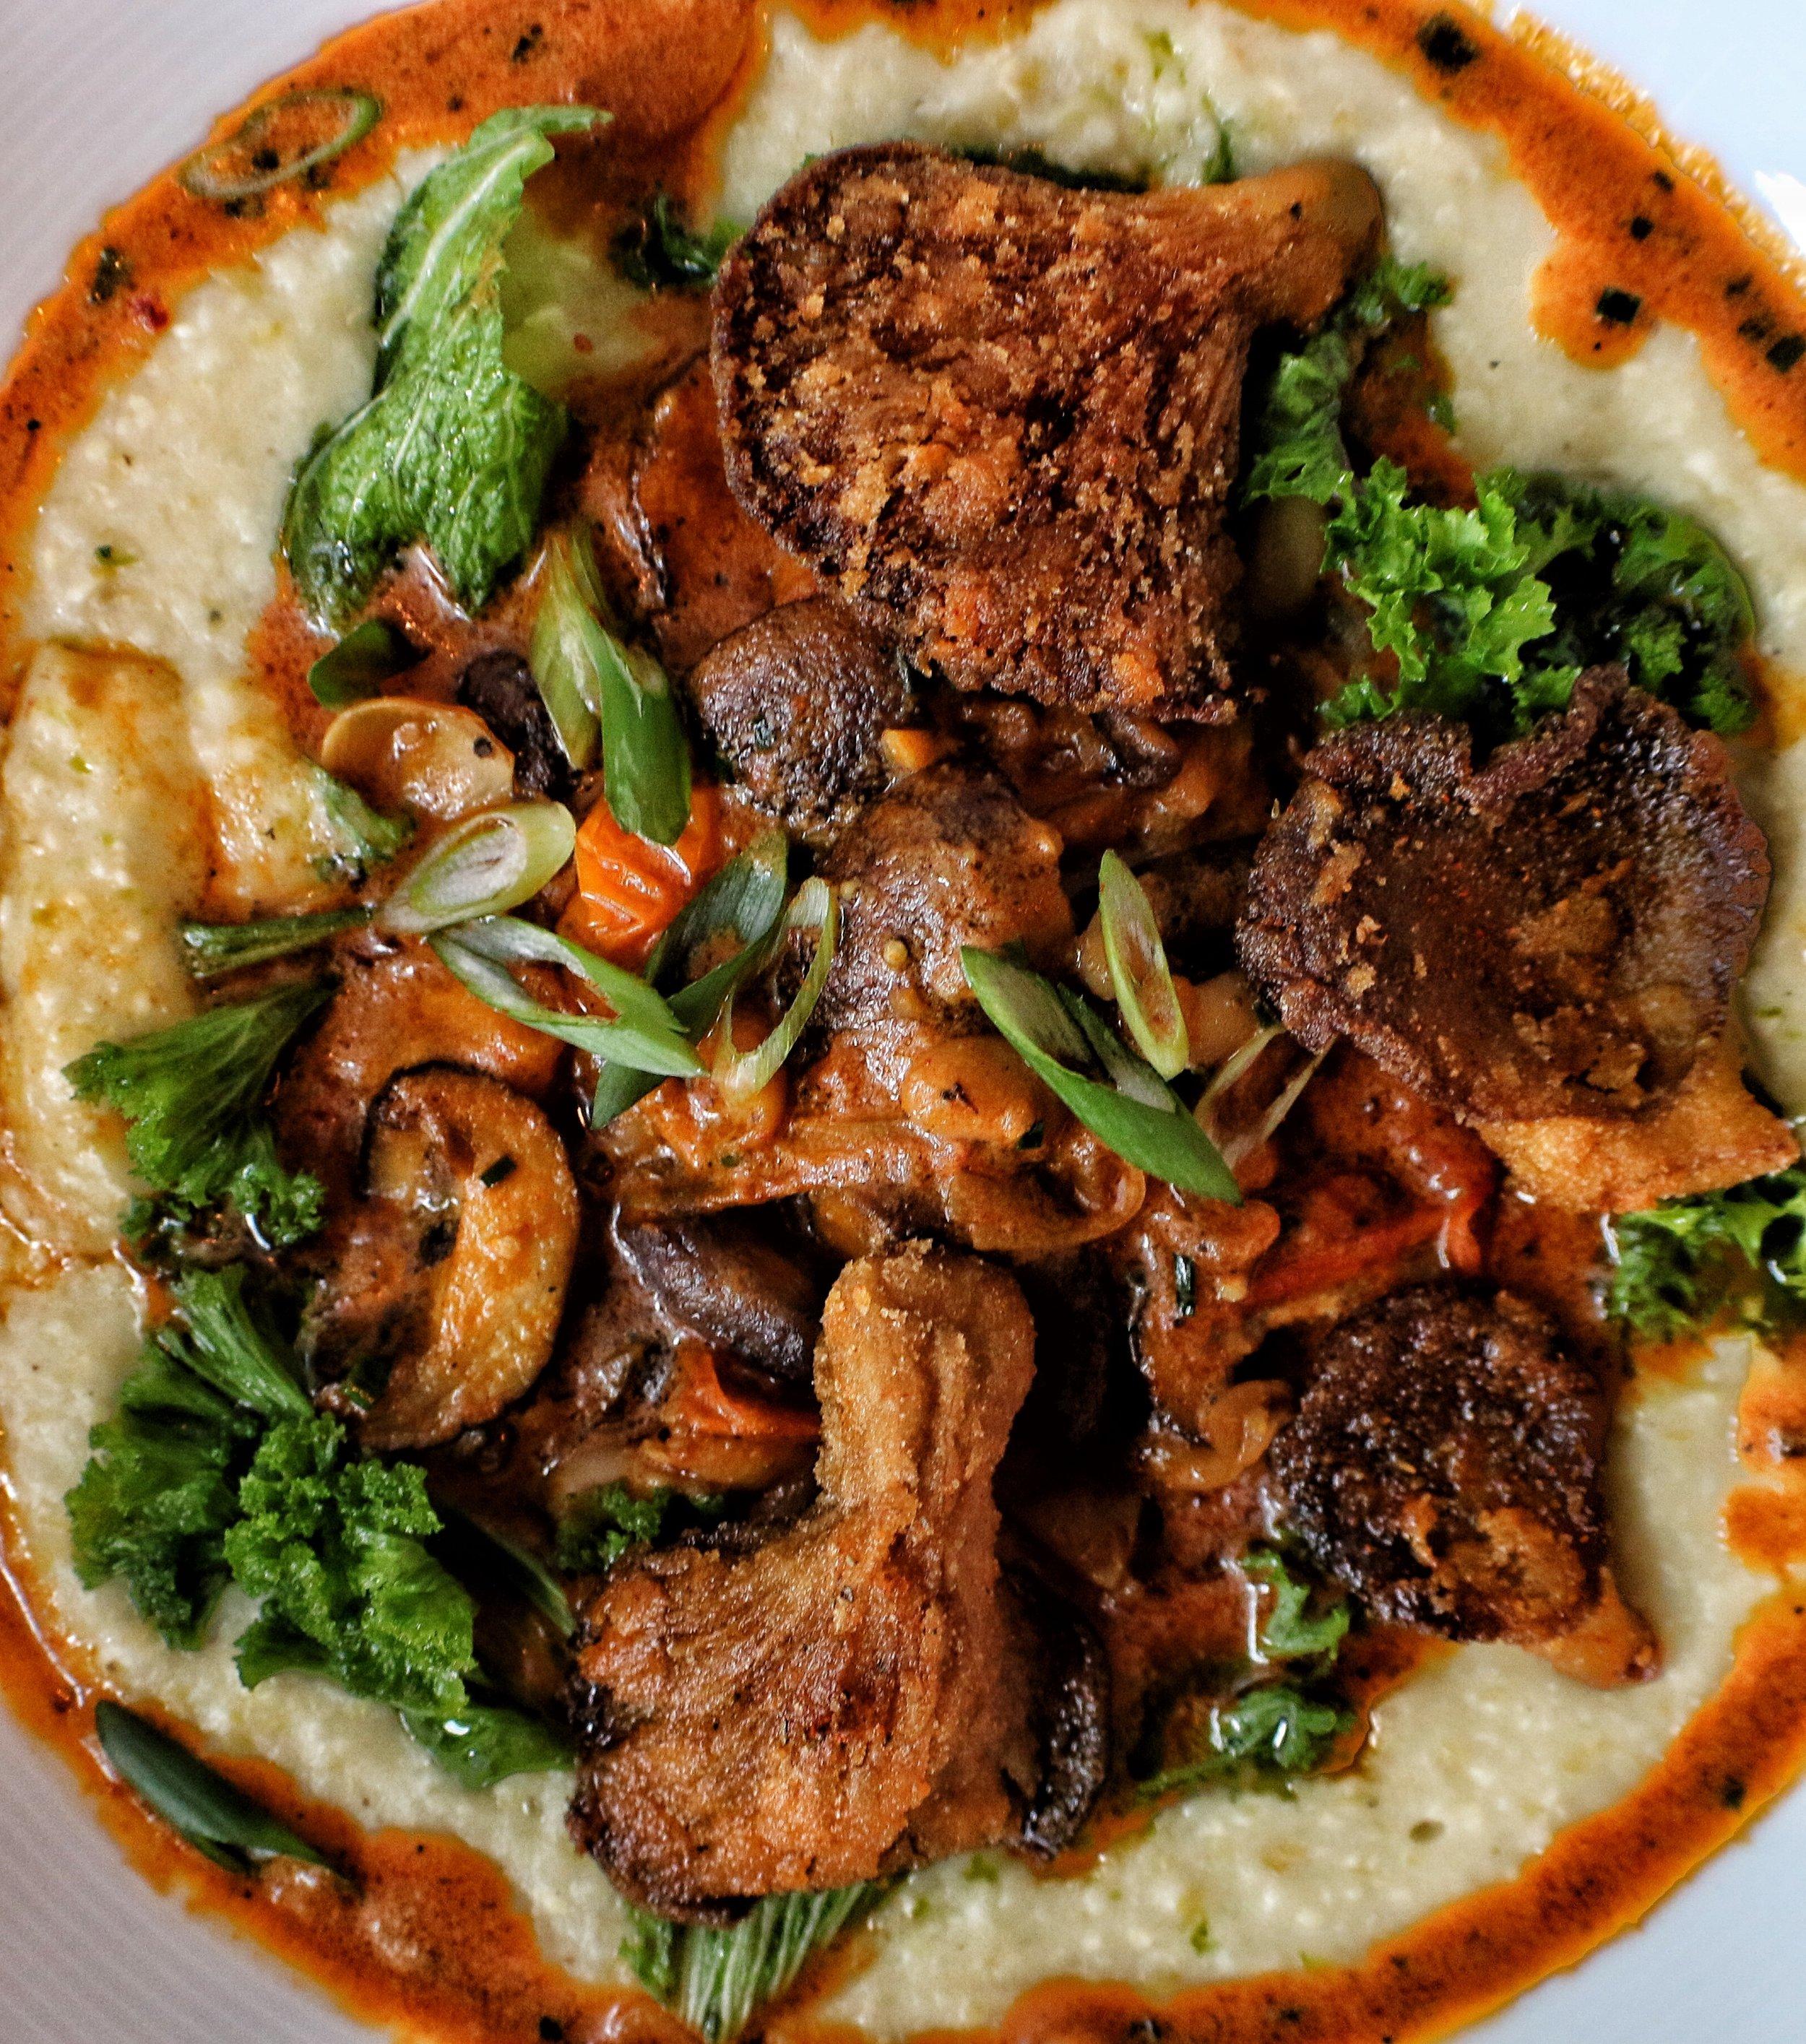 Shrooms & Grits  cajun mushroom & chickpeas, collards, grits